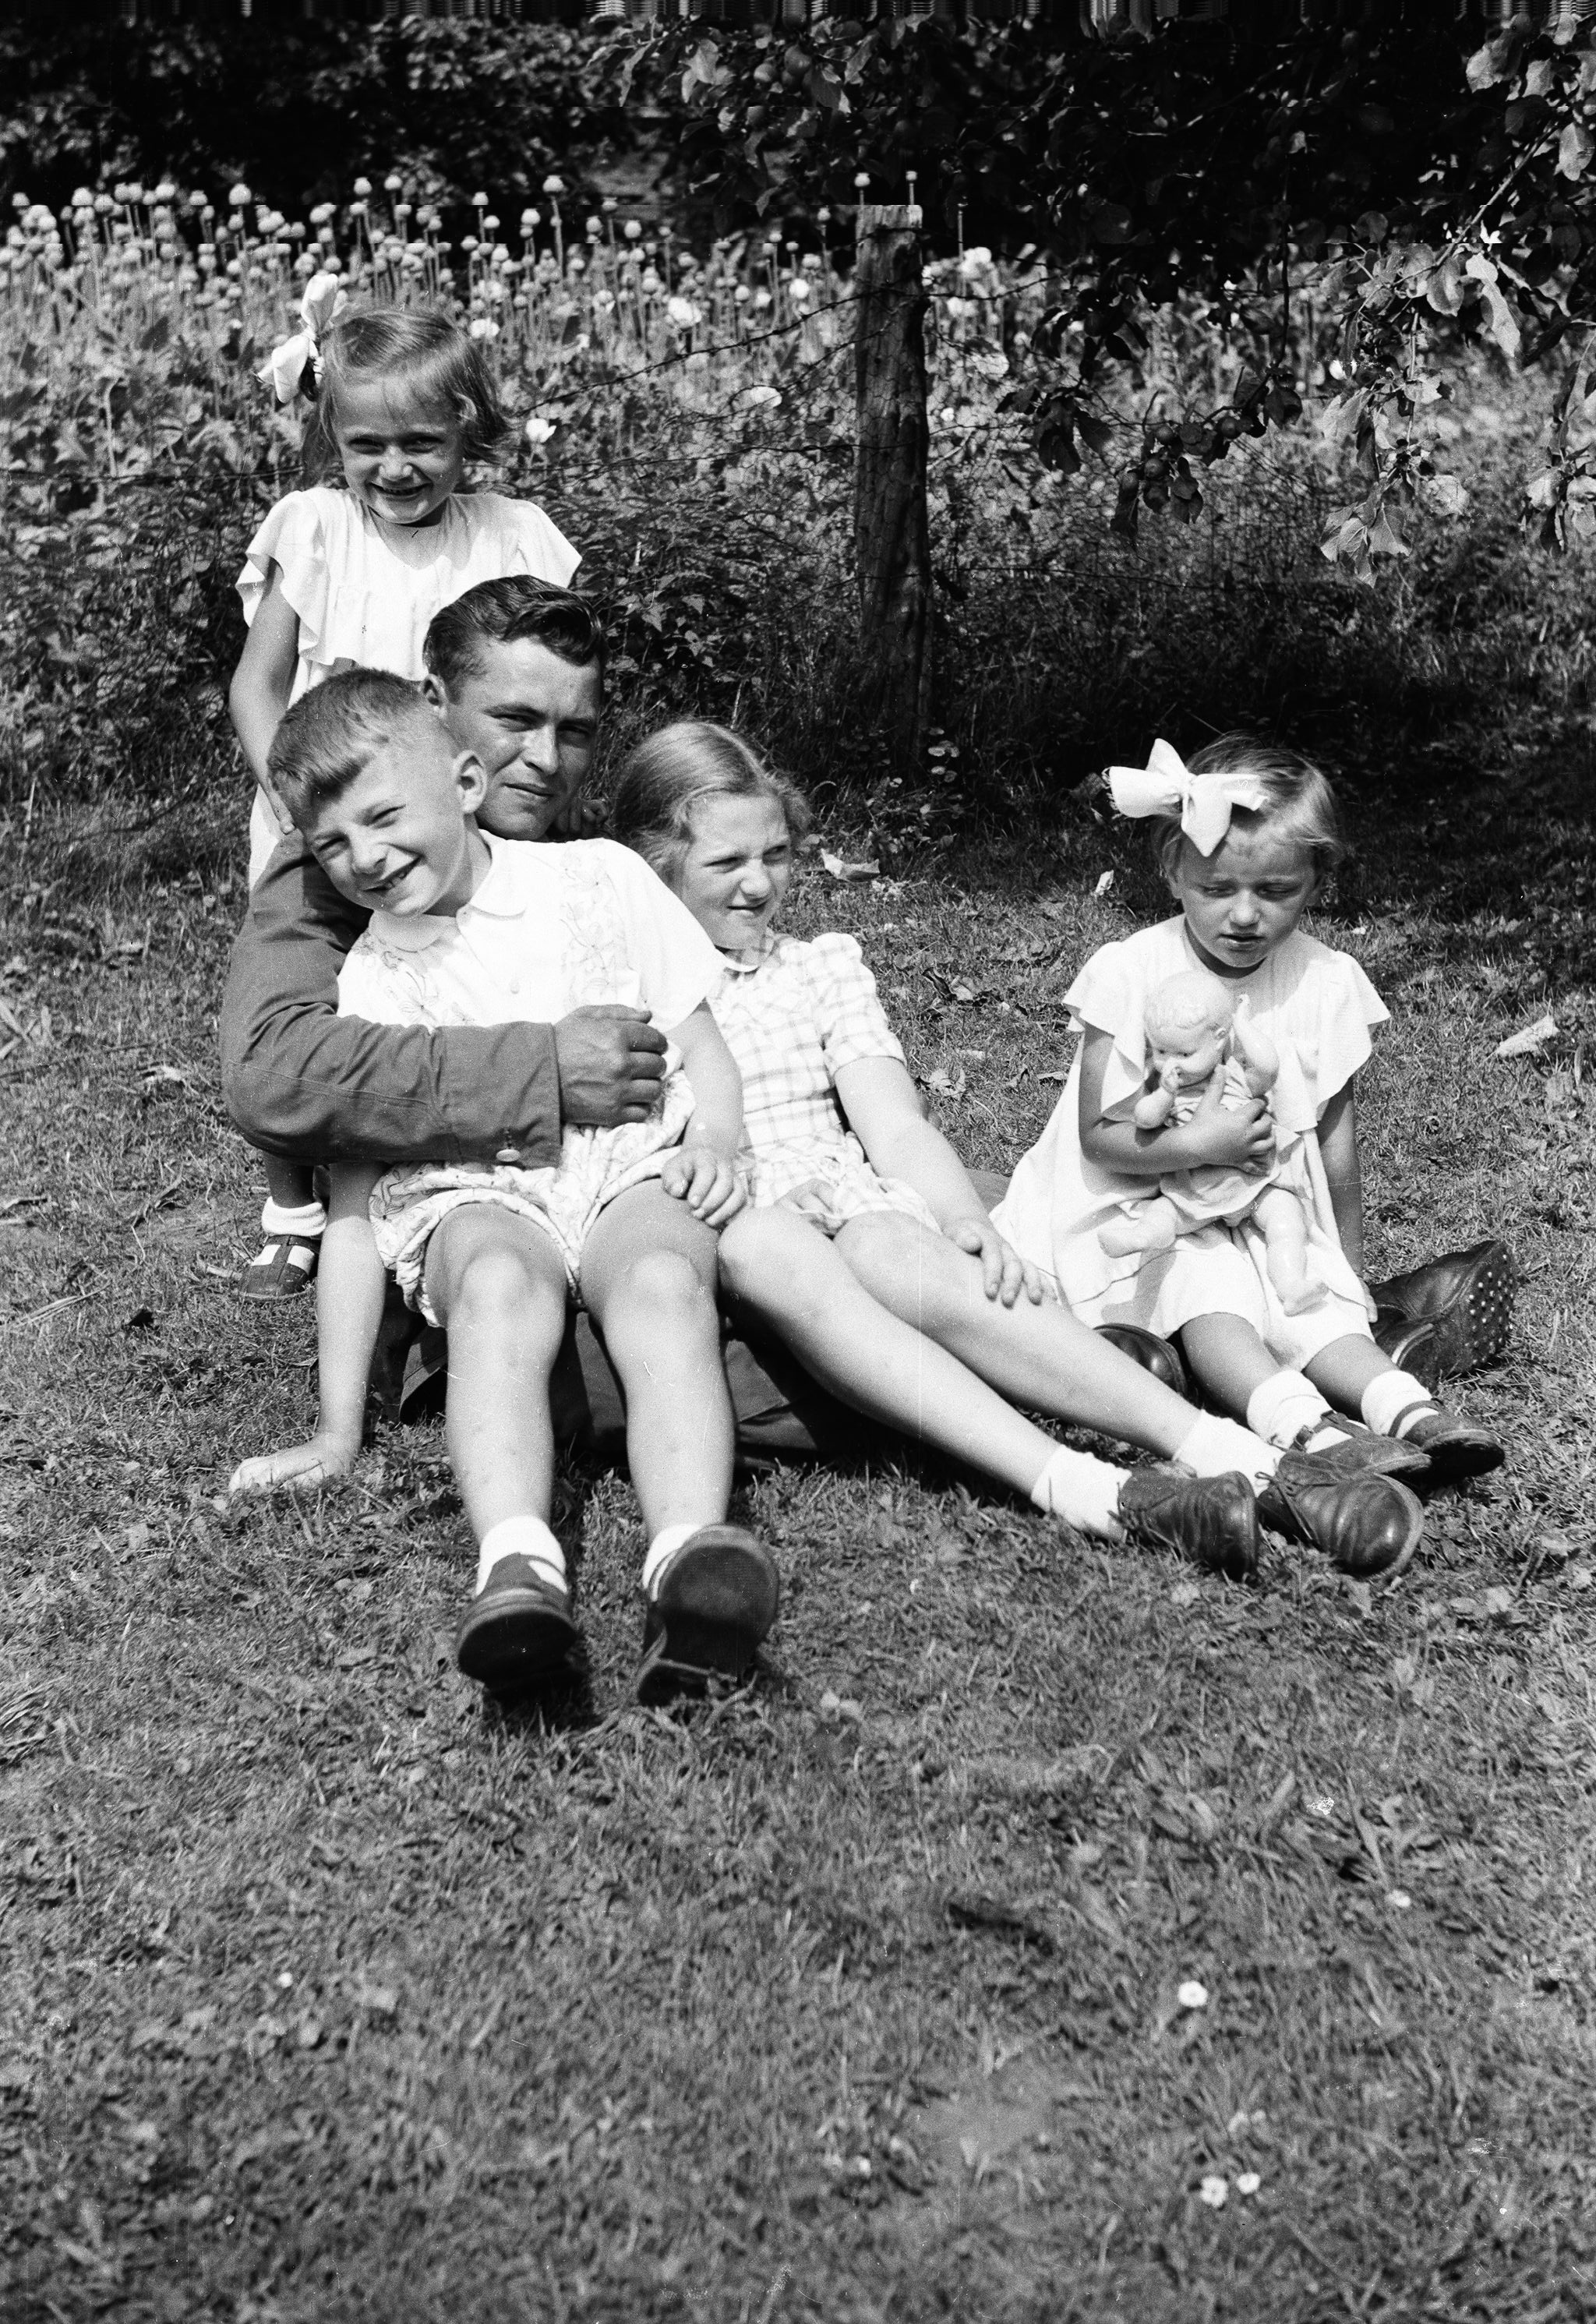 Franciszek Pytel z dziećmi, Turzany, Dolny Śląsk, lata 50. XX w.